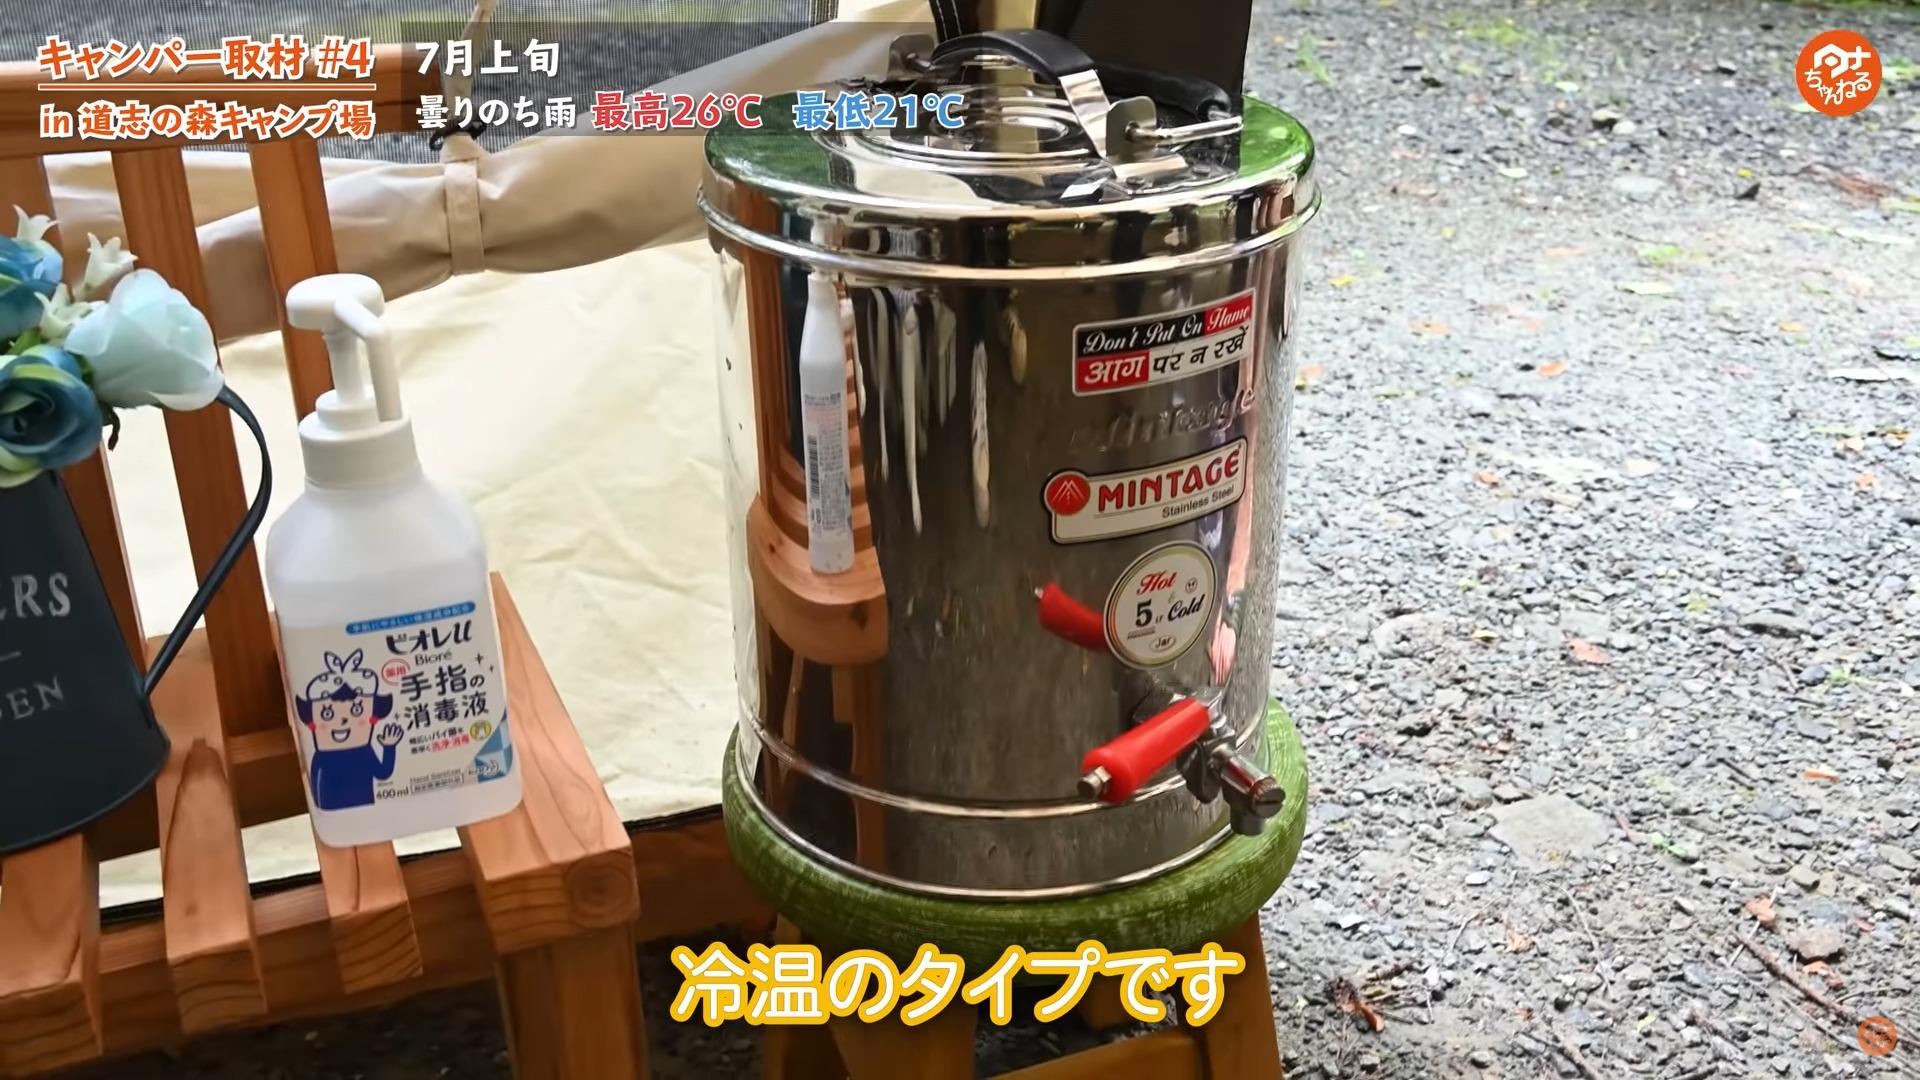 【ミンテージ(MINTAGE)】保温保冷ジャグ